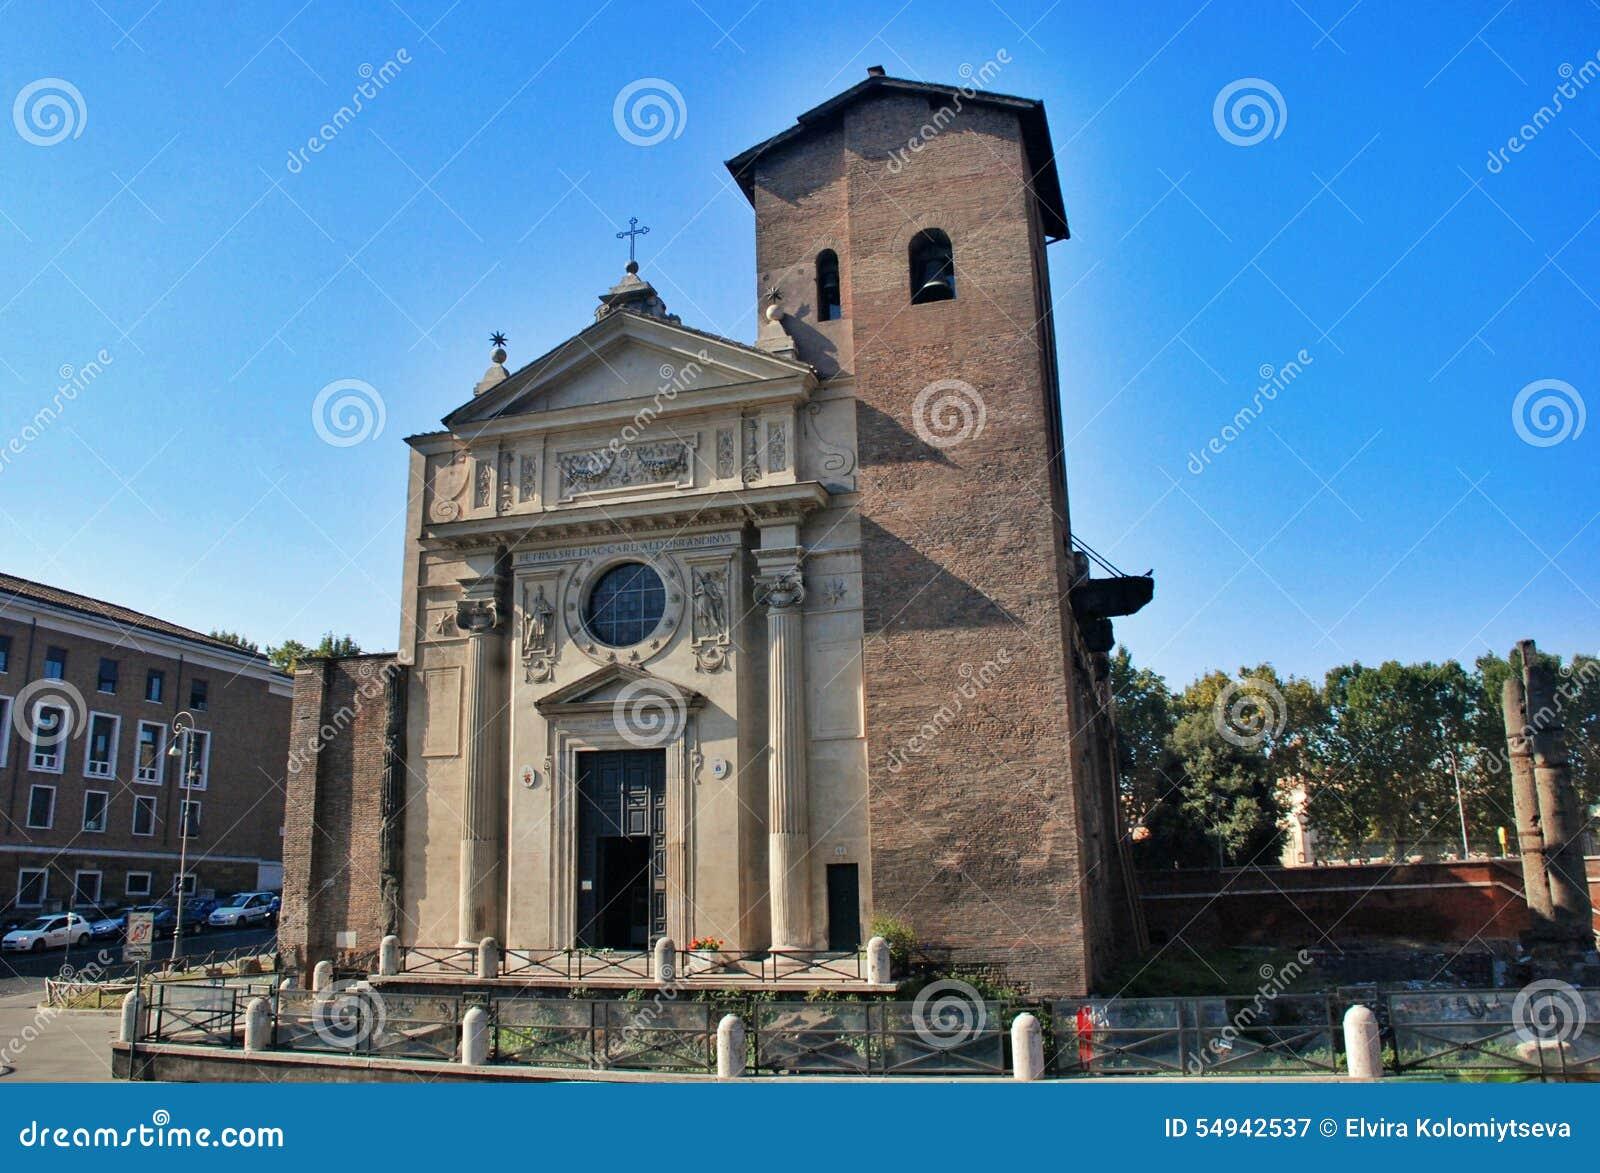 Petite église avec une tour de cloche à Rome